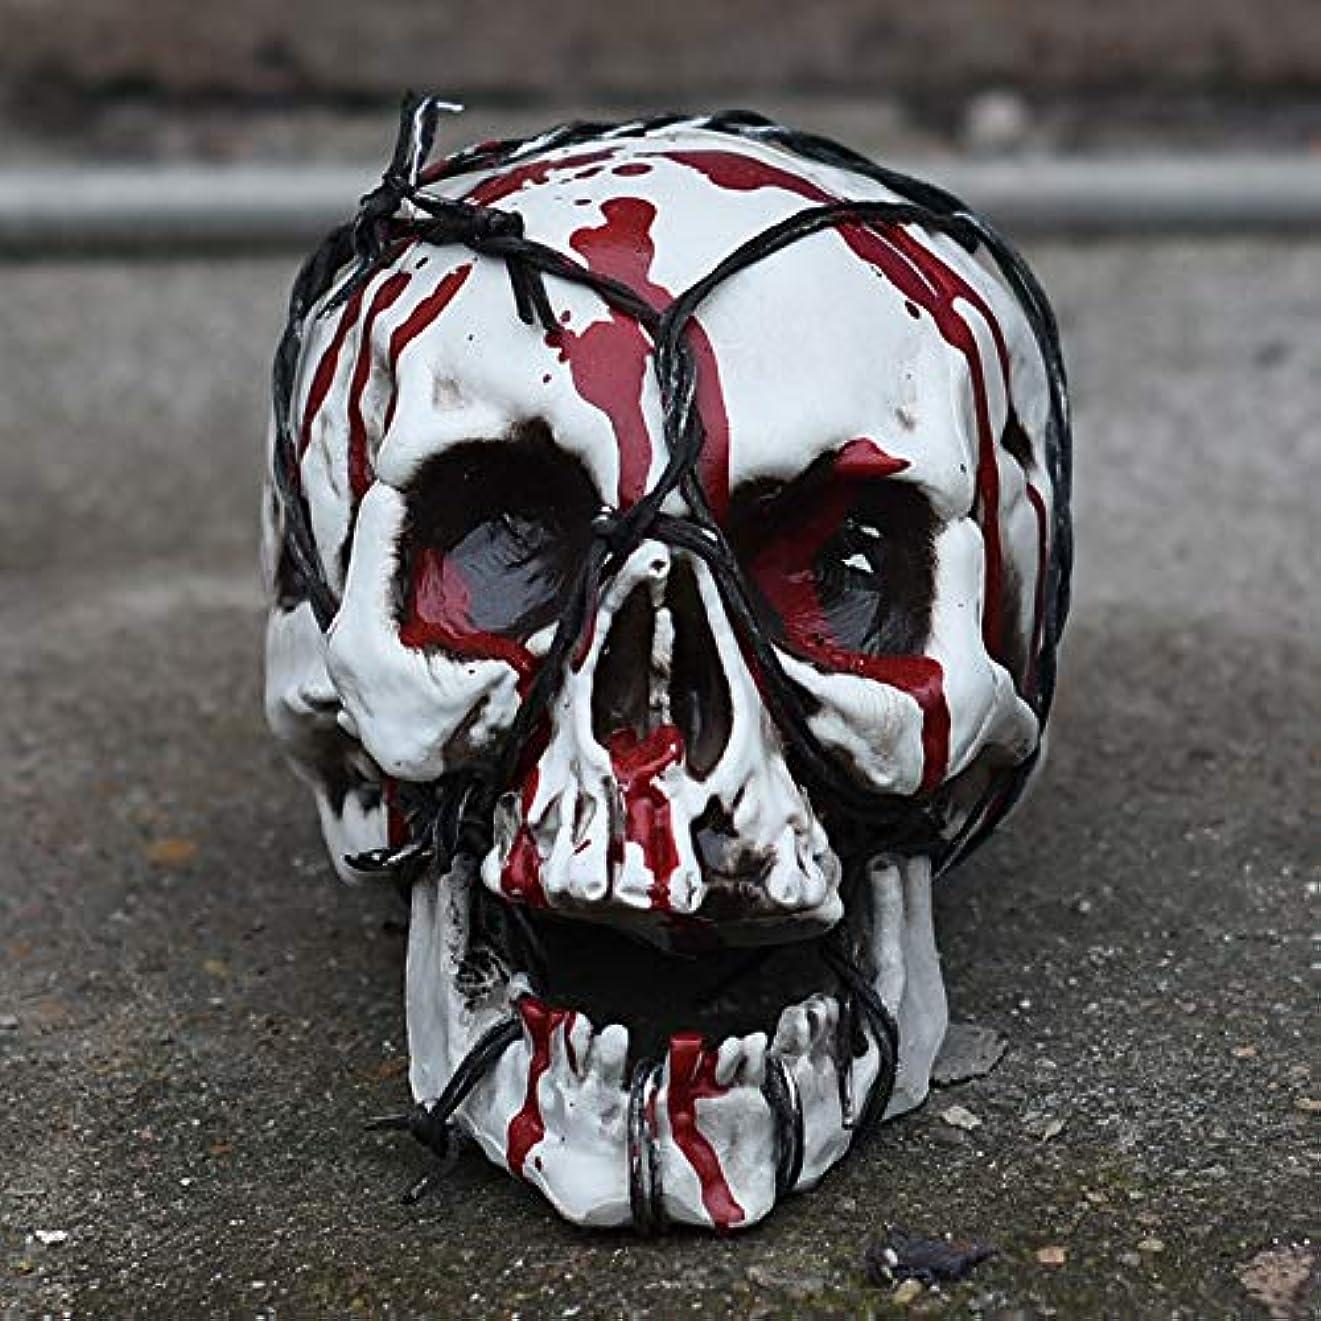 暴露する声を出してポルノETRRUU HOME ハロウィーンシミュレーション人間の骨モデルホラースカル装飾ルームお化け屋敷バーコスプレ装飾小道具